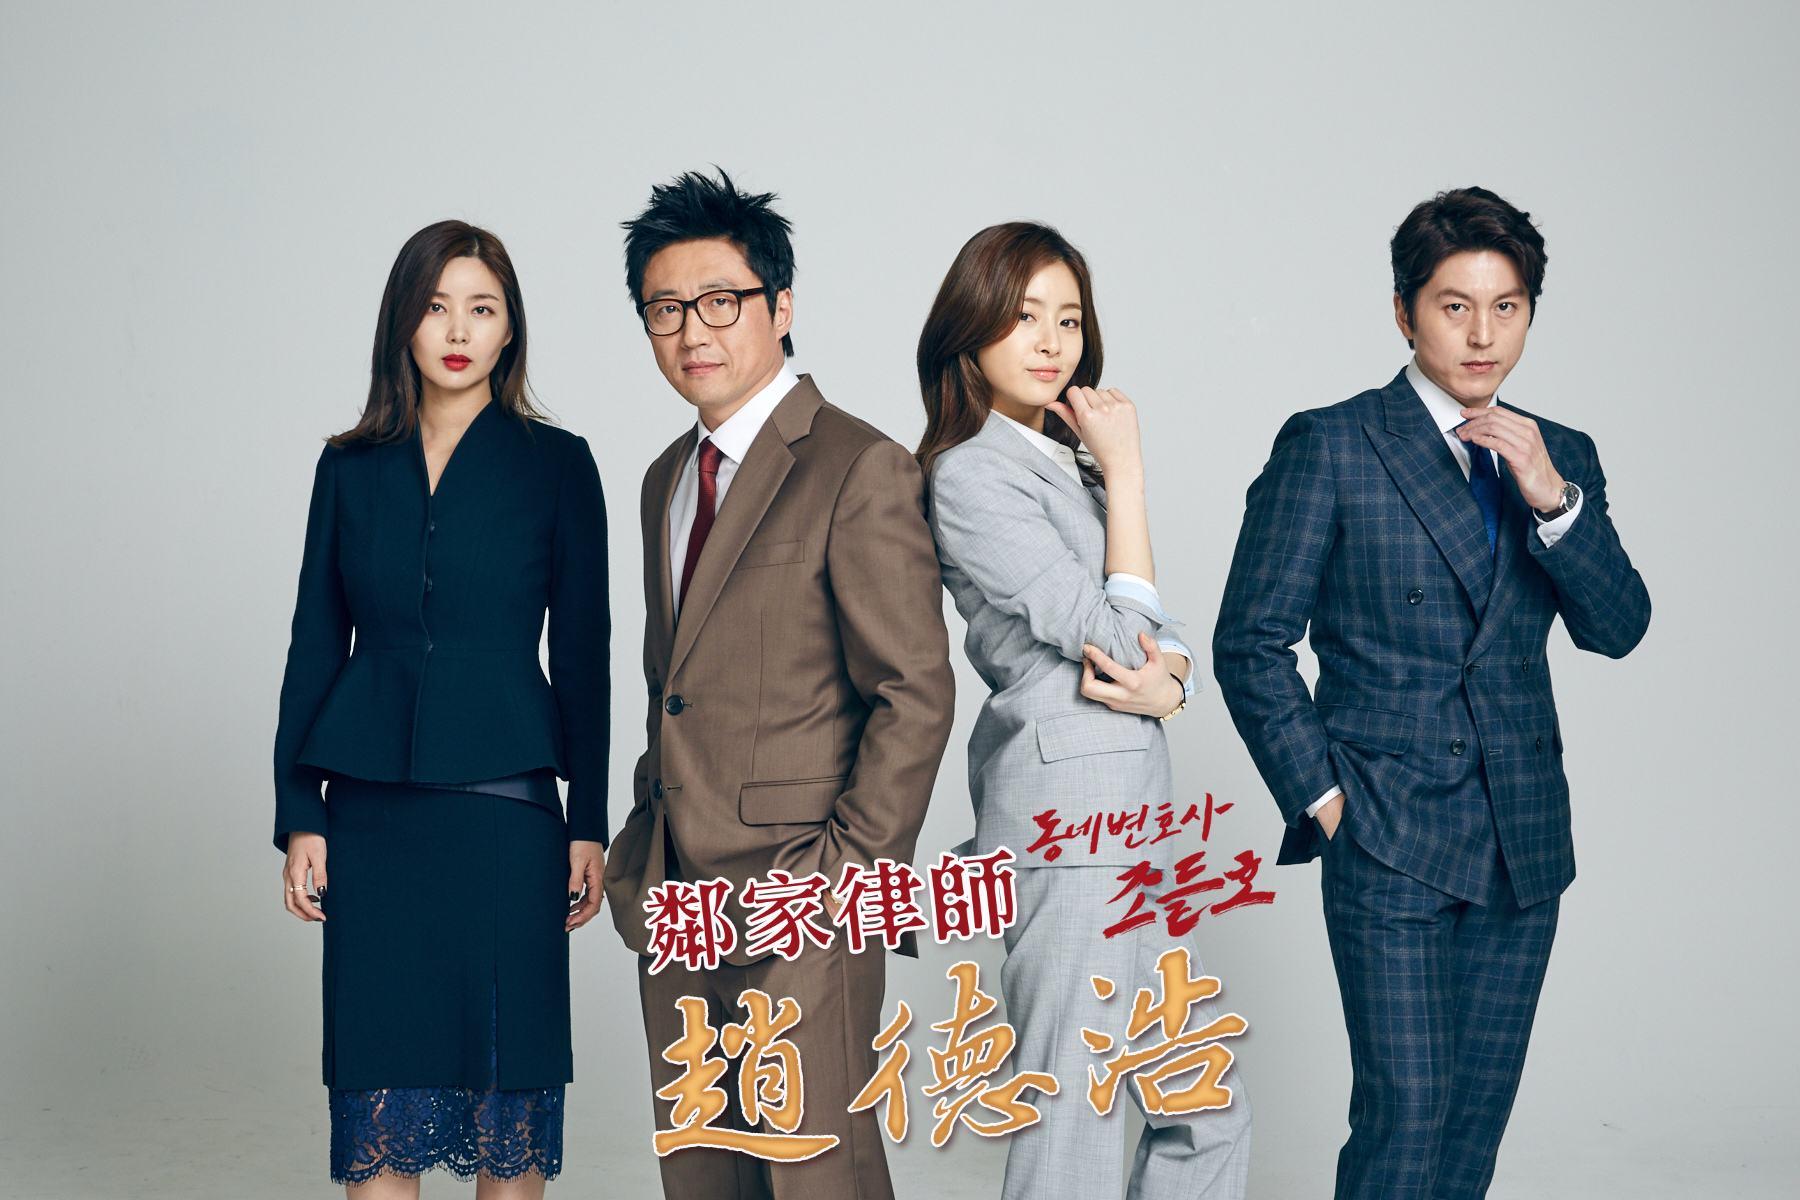 而還沒看過《鄰家律師趙德浩》的台灣觀眾,現在也可以在電視上看到《鄰家律師趙德浩》的播出啦! 《鄰家律師趙德浩》將在八大電視台於8/15日起,週一至週五22:00播出,大家絕對不能錯過!